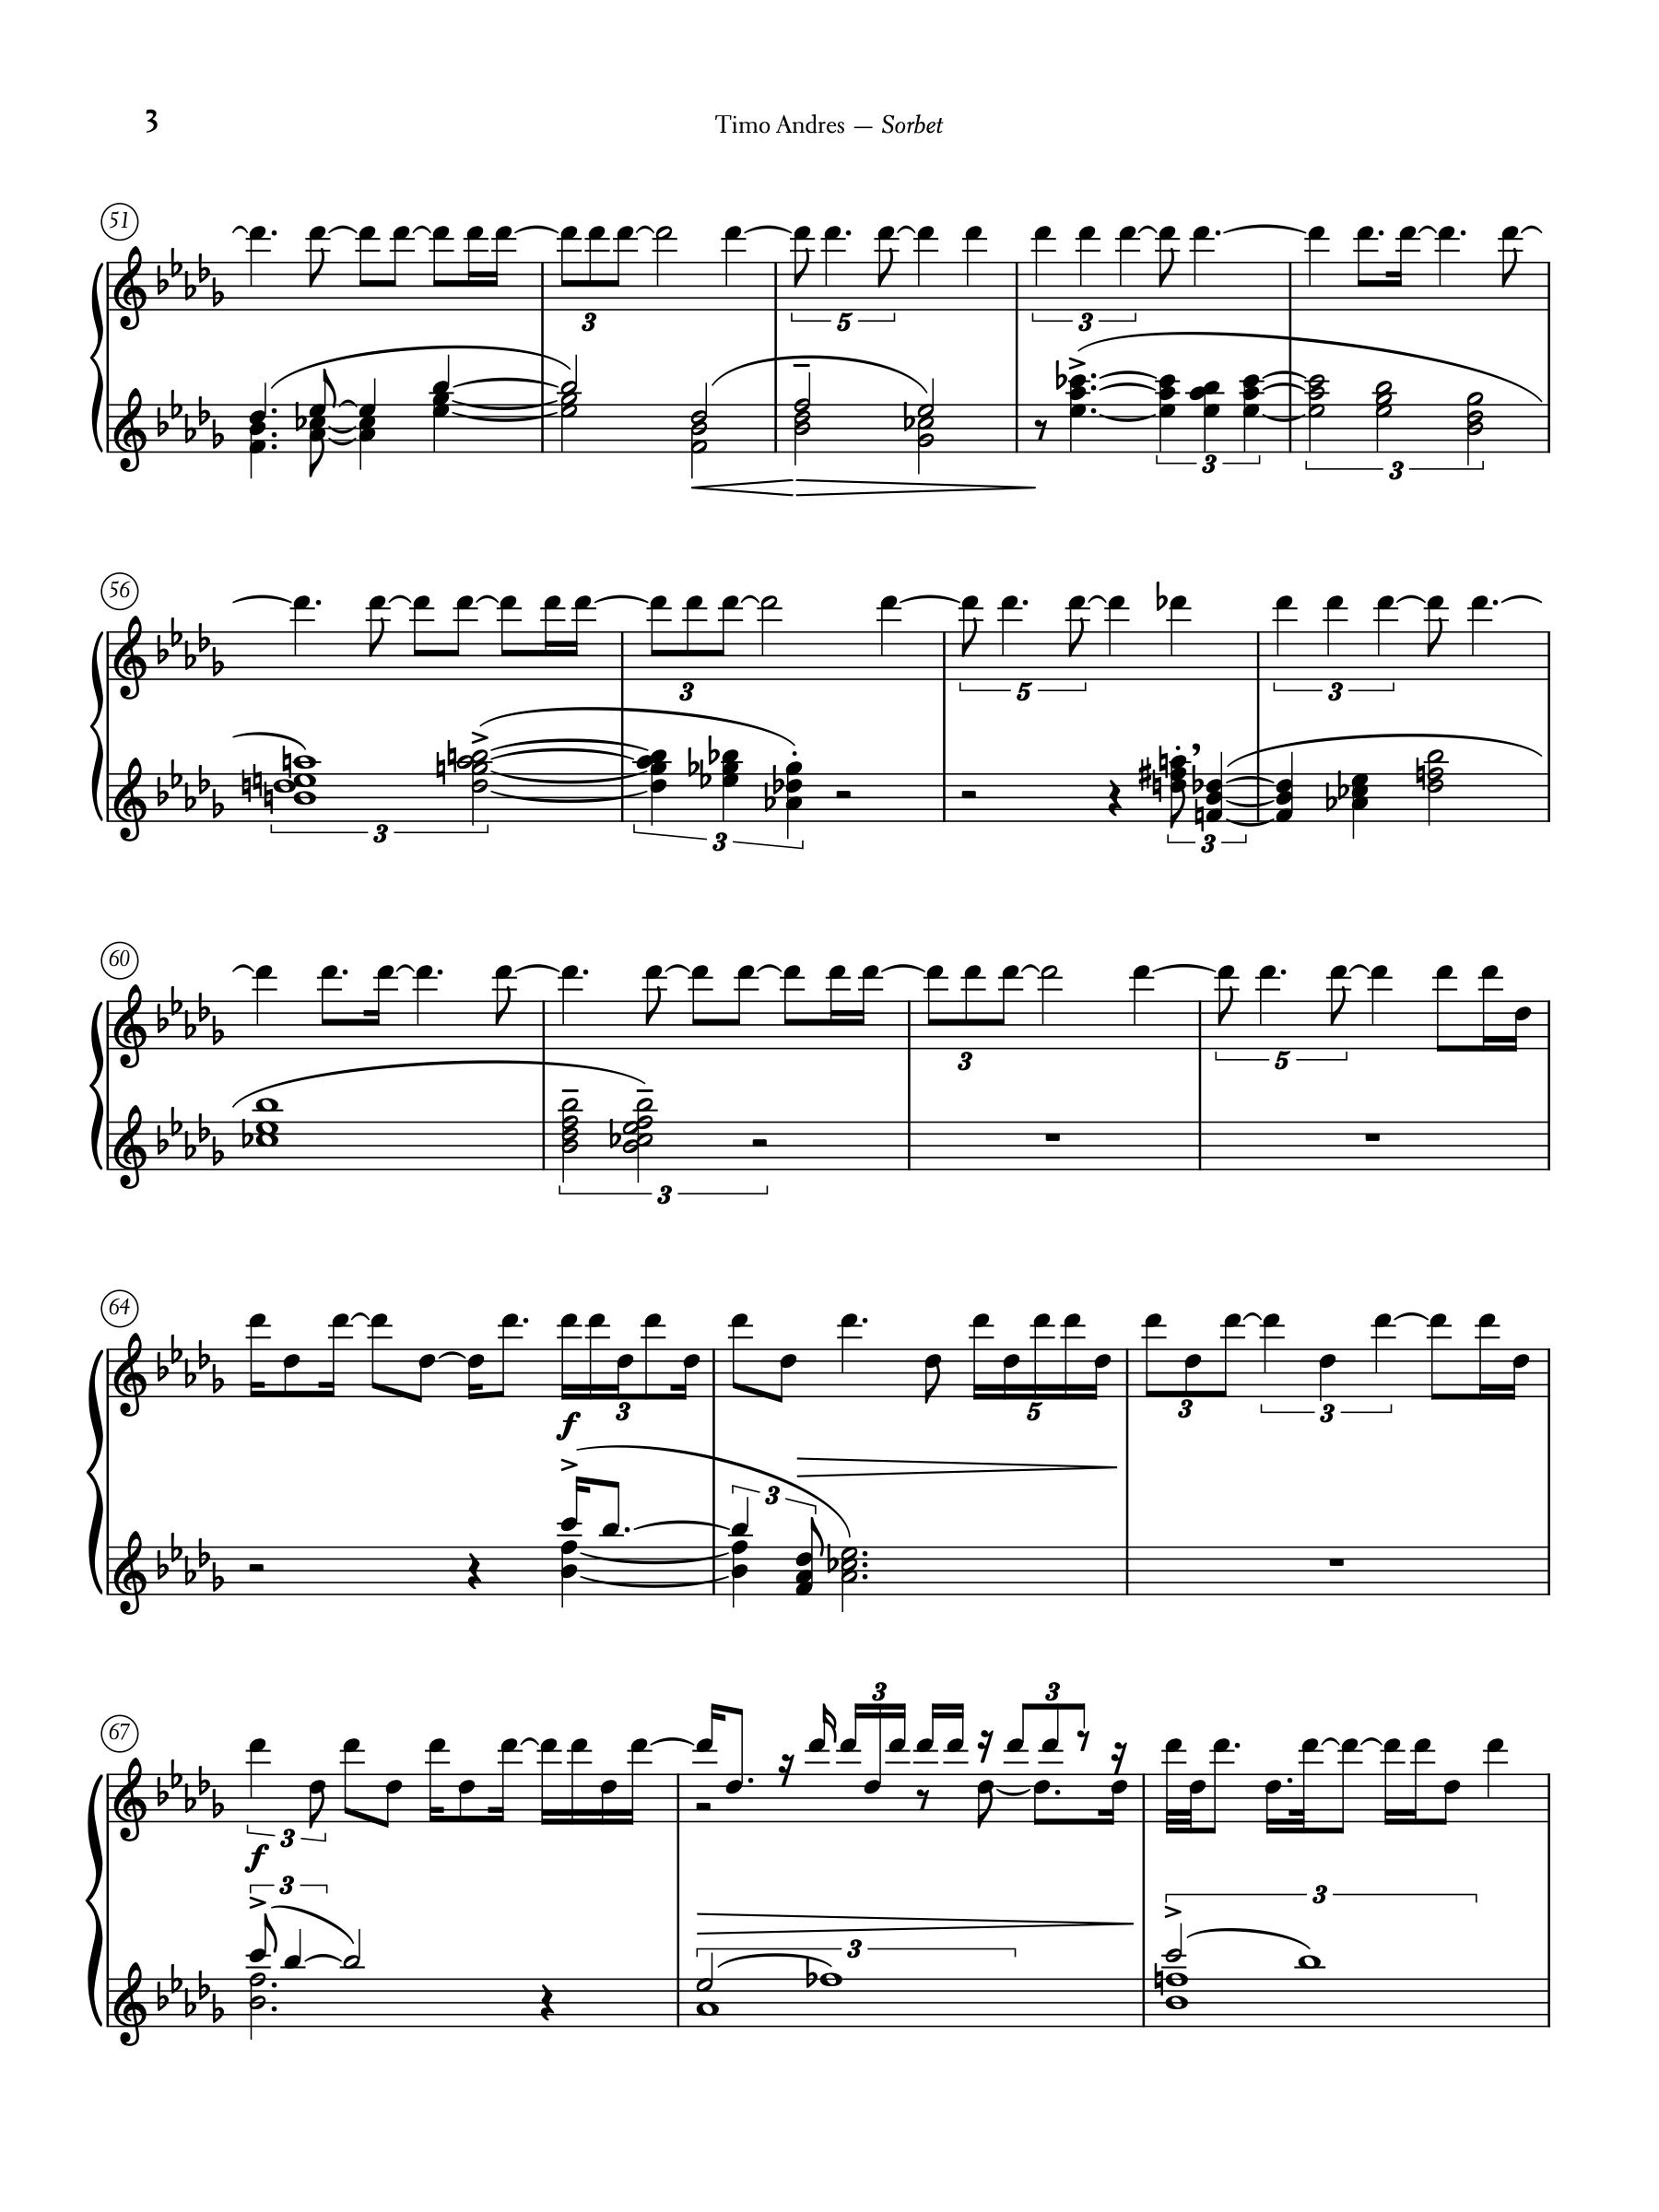 Sorbet, p. 3